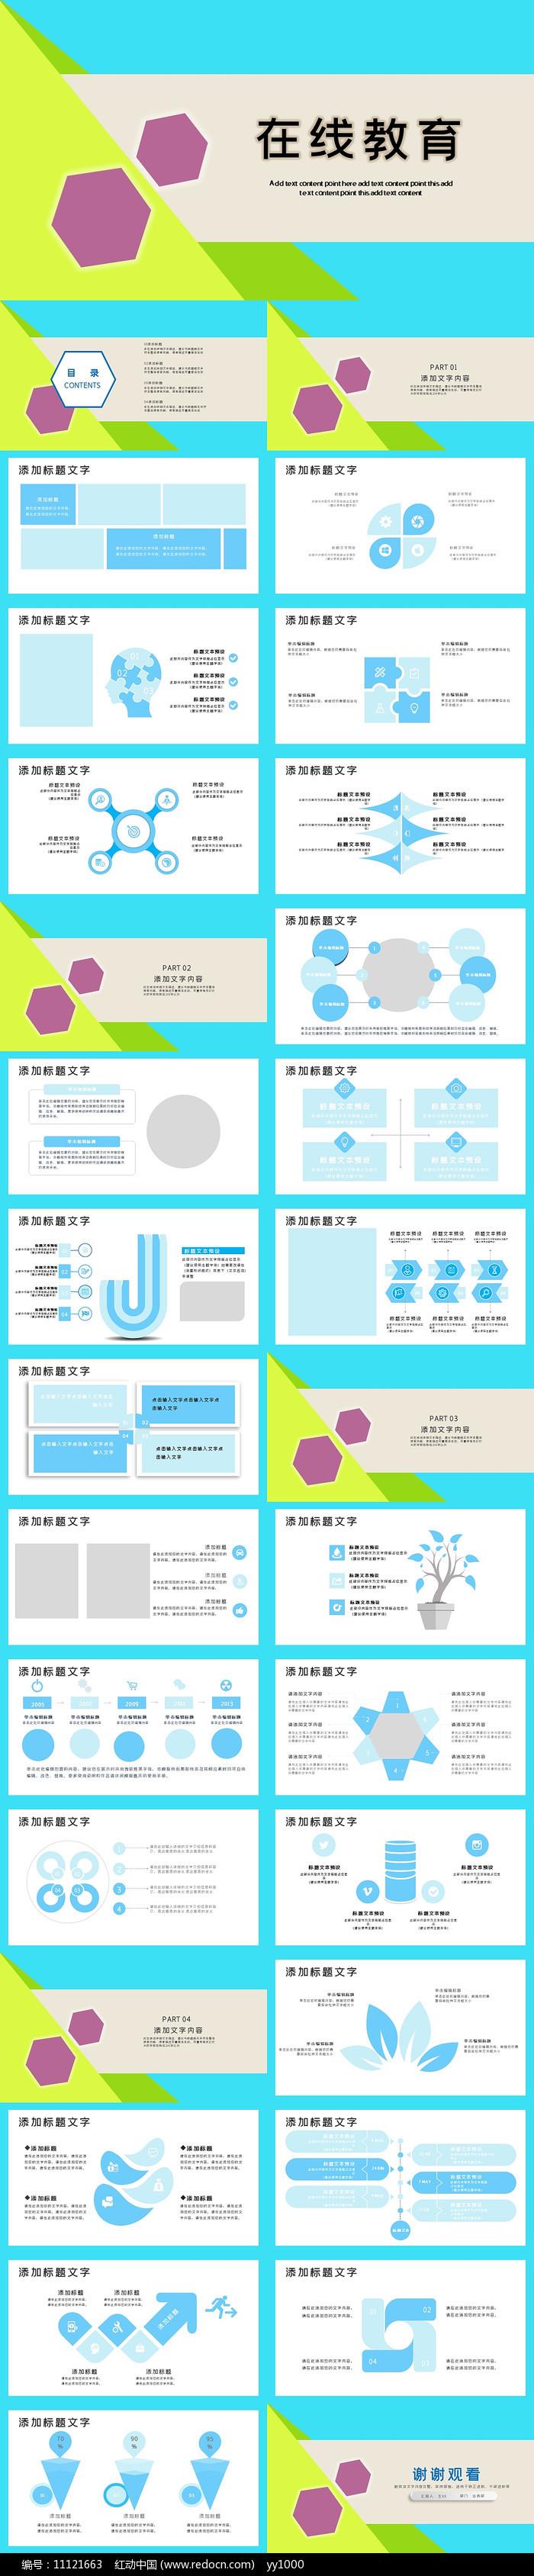 公开课在线教育PPT模板图片